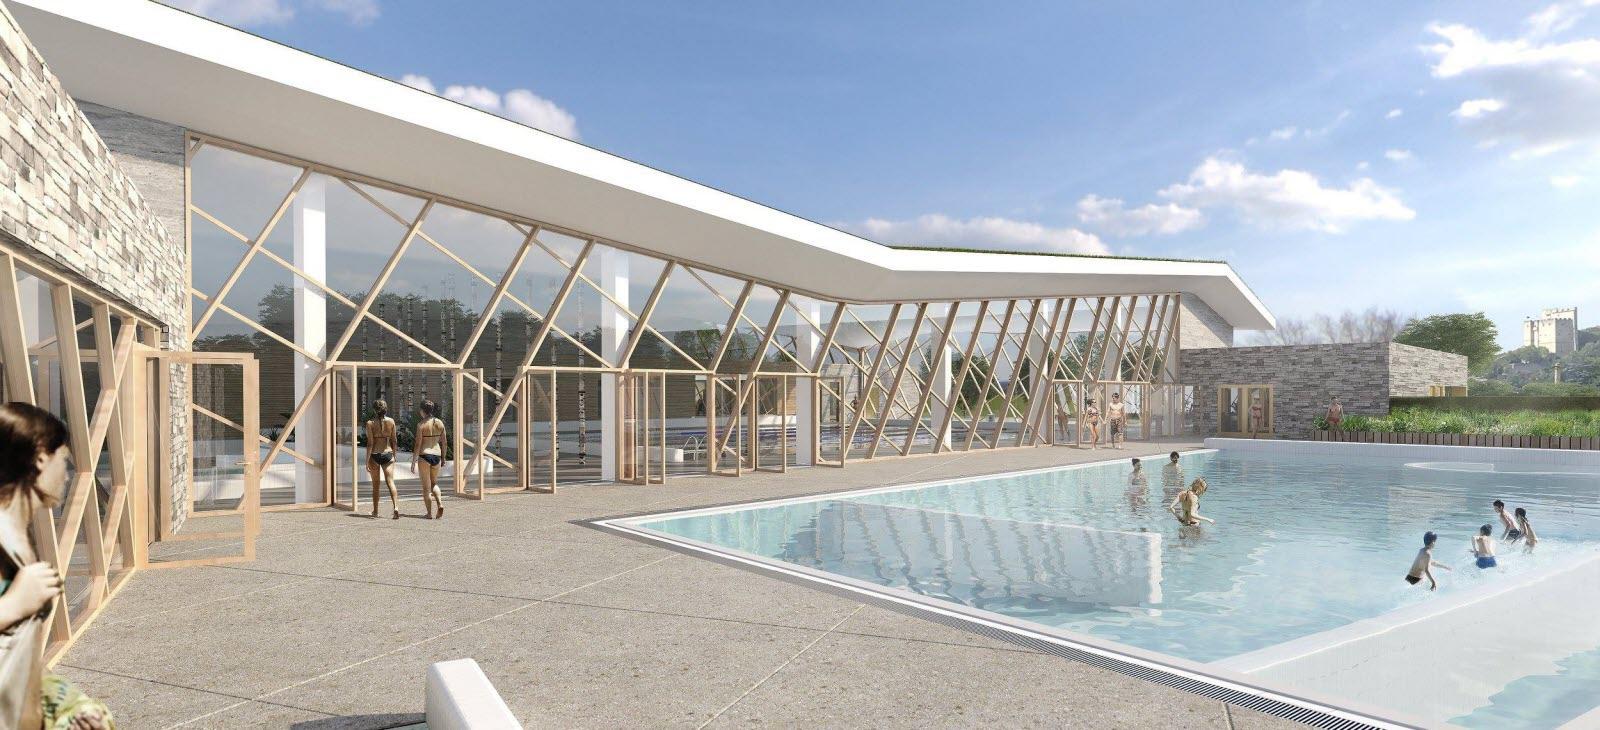 Crest   Le Projet De Centre Aquatique De Crest Vire Au Grand ... pour Piscine Vire